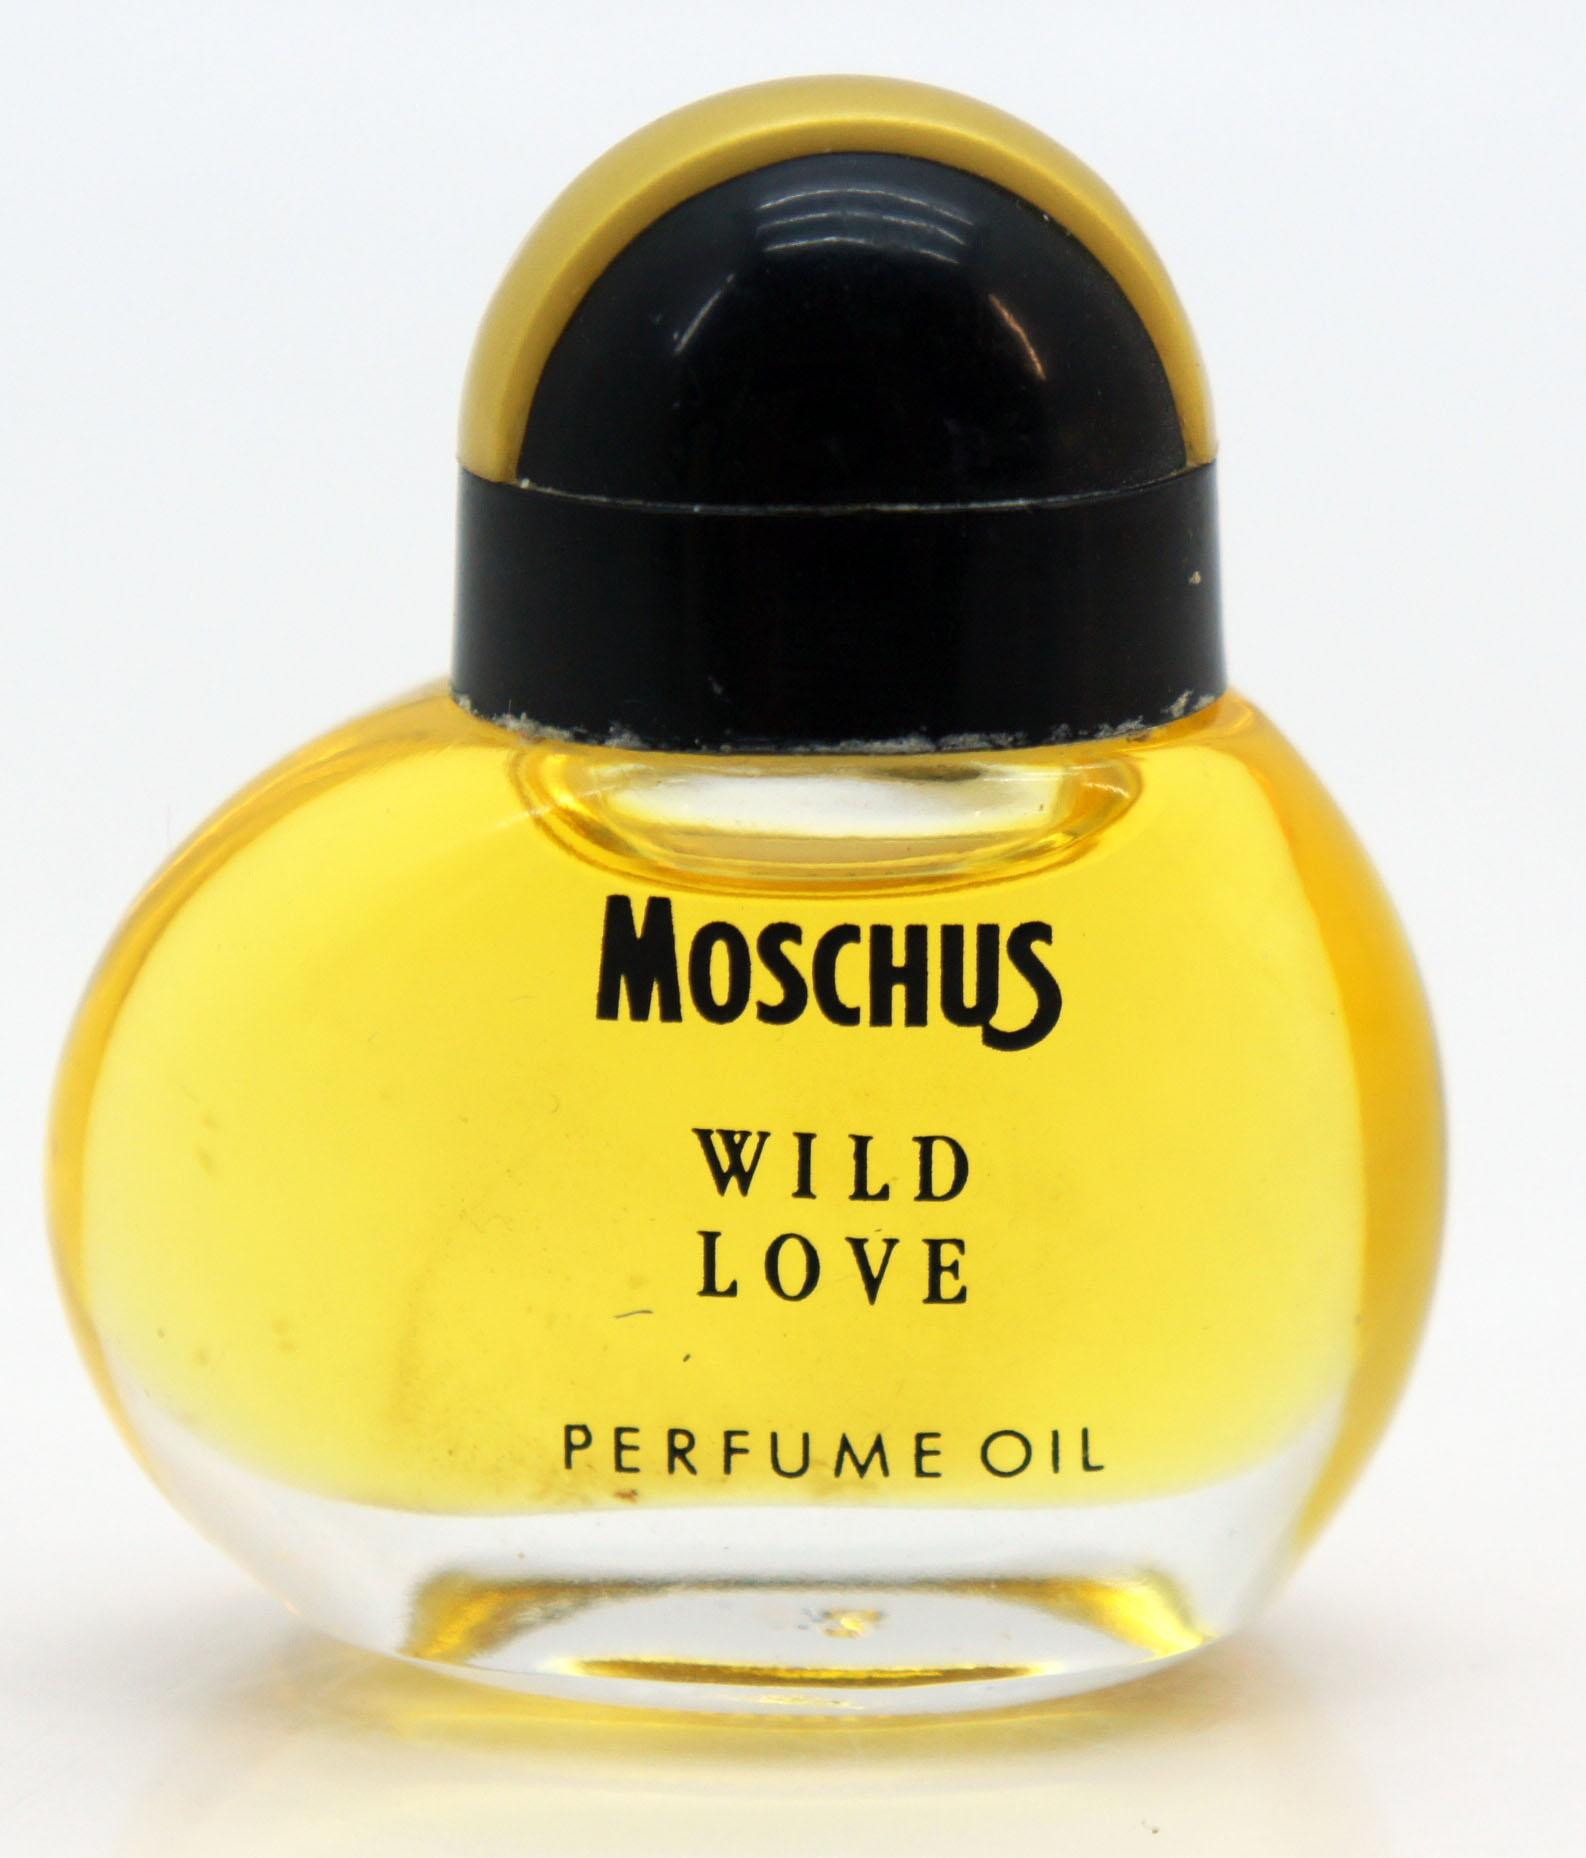 Nerval Parfumminiatur Moschus Wild Love Parfum Oil selten